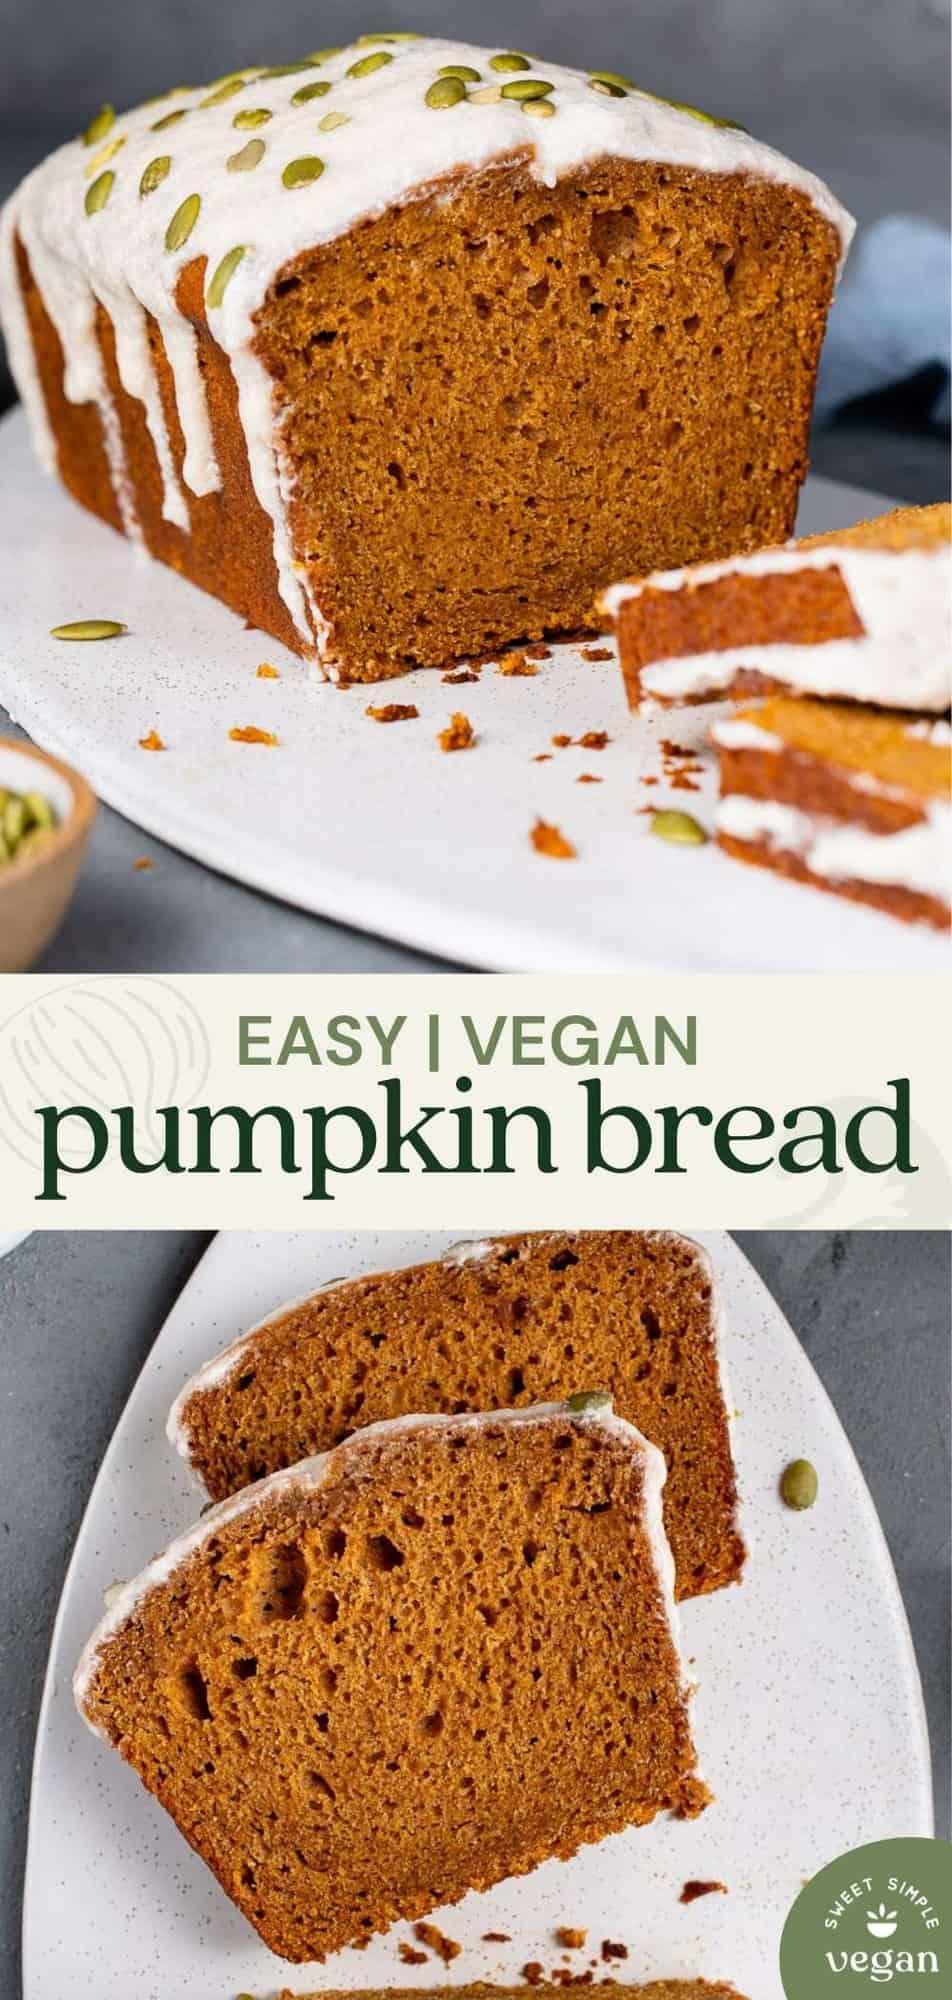 easy vegan pumpkin bread image for pinterest